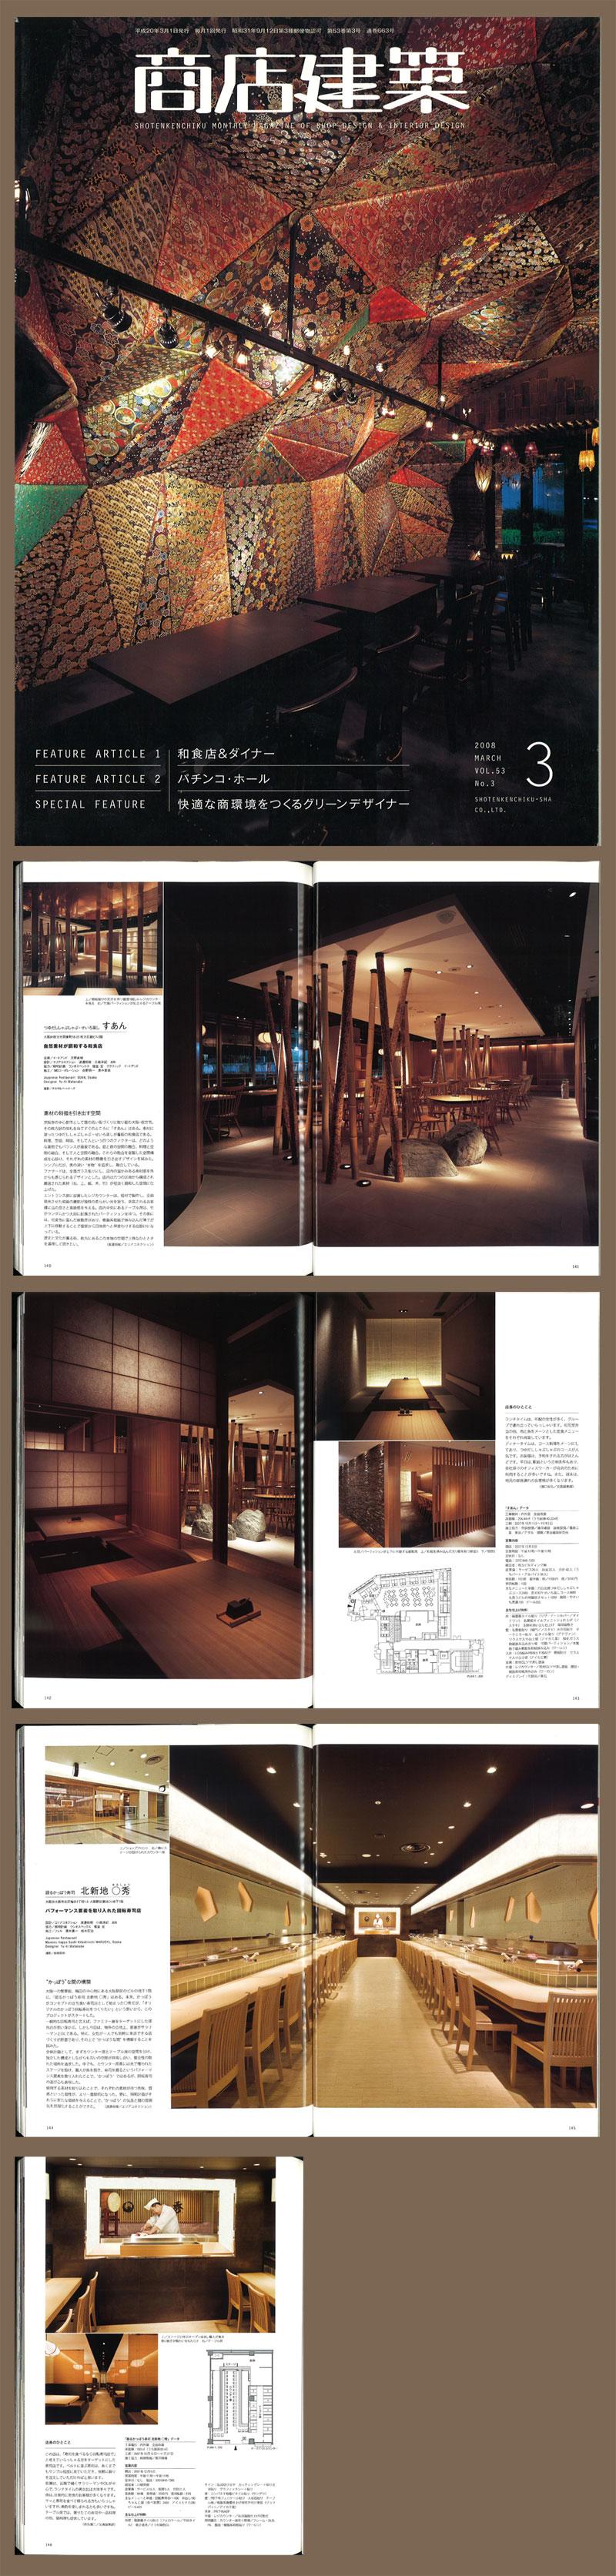 商店建築200803